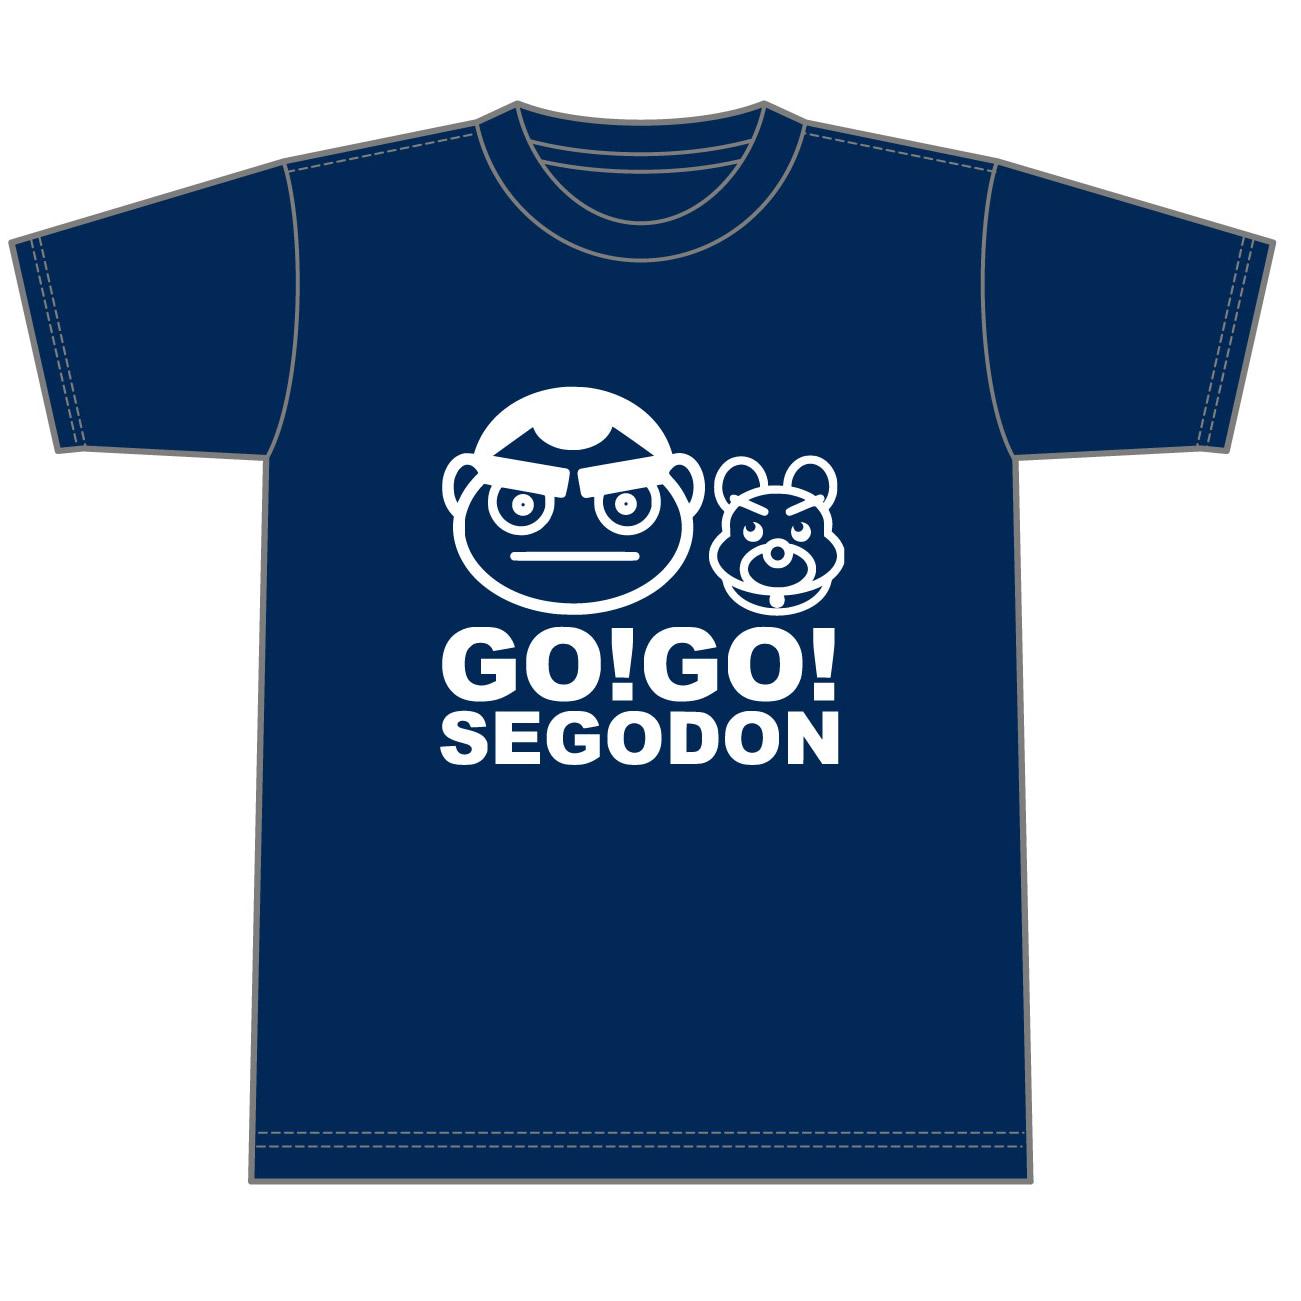 GO!GO! SEGODON (ゴーゴー西郷どん) 西郷どん&つん Tシャツ!